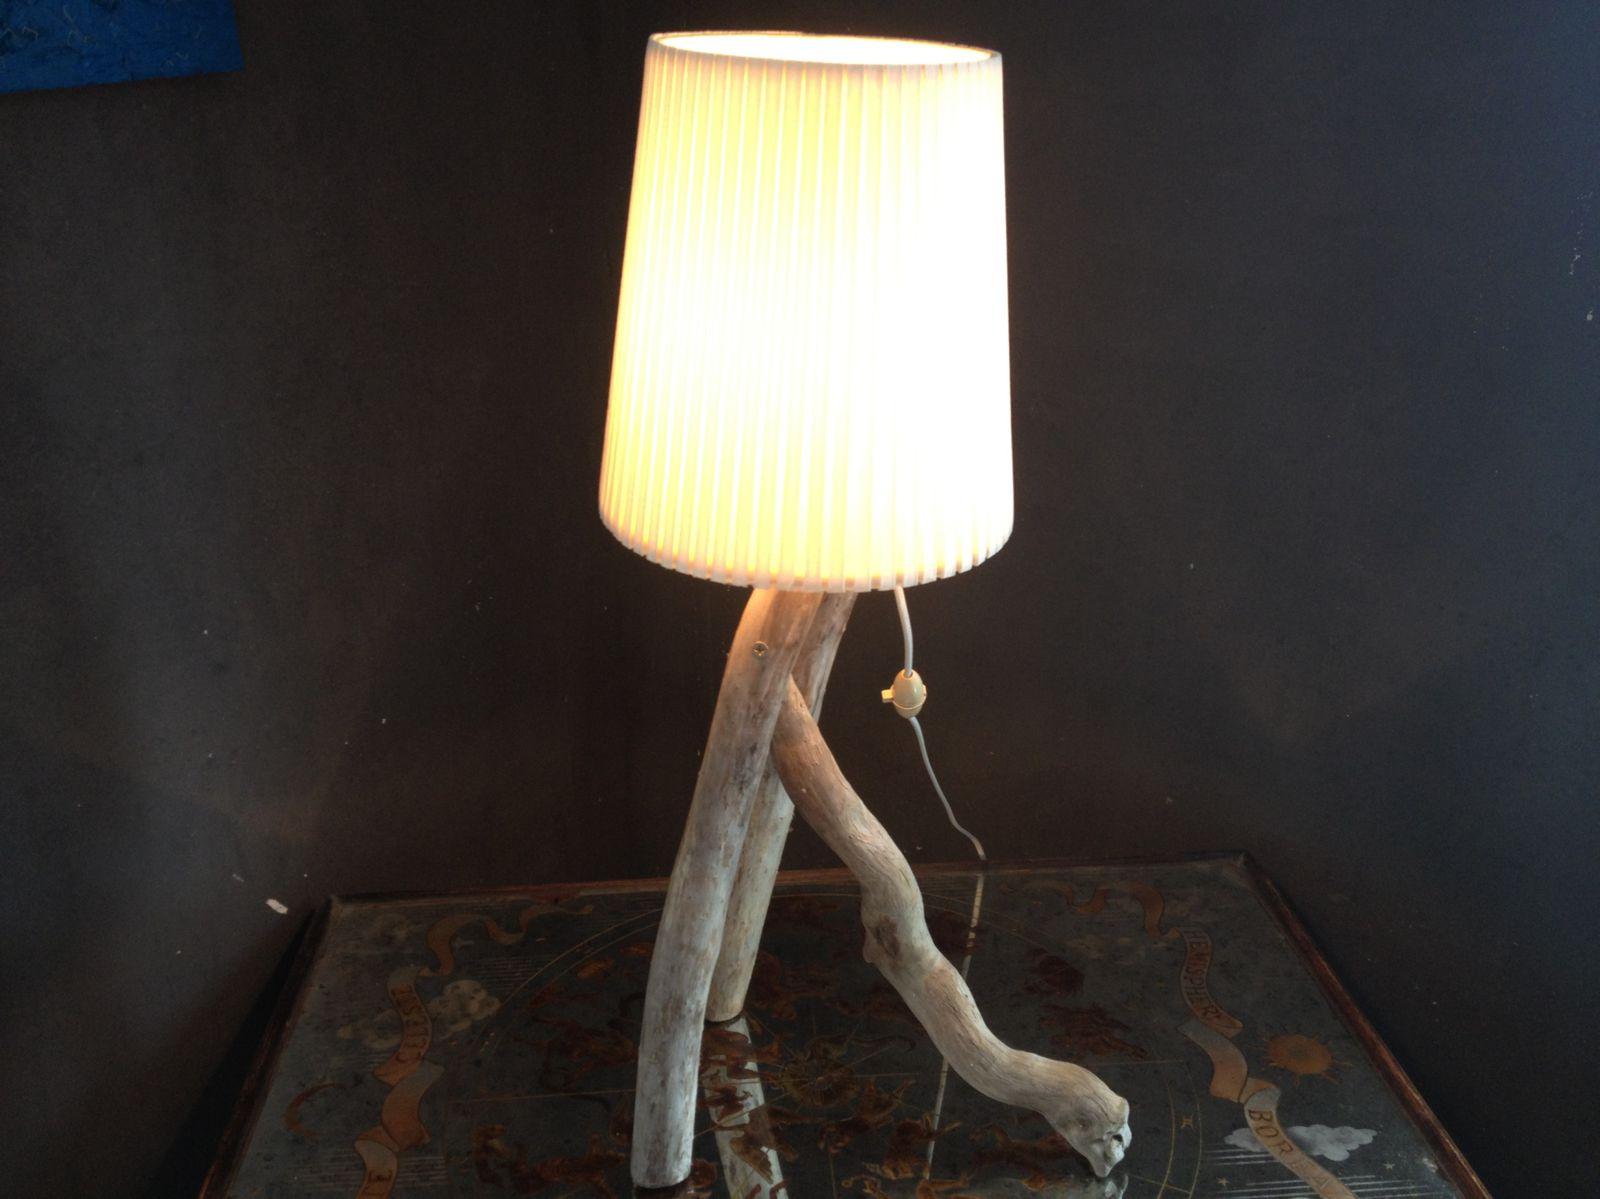 Vente en ligne de lampe en bois flott mod le arthur for Creer sa lampe en bois flotte